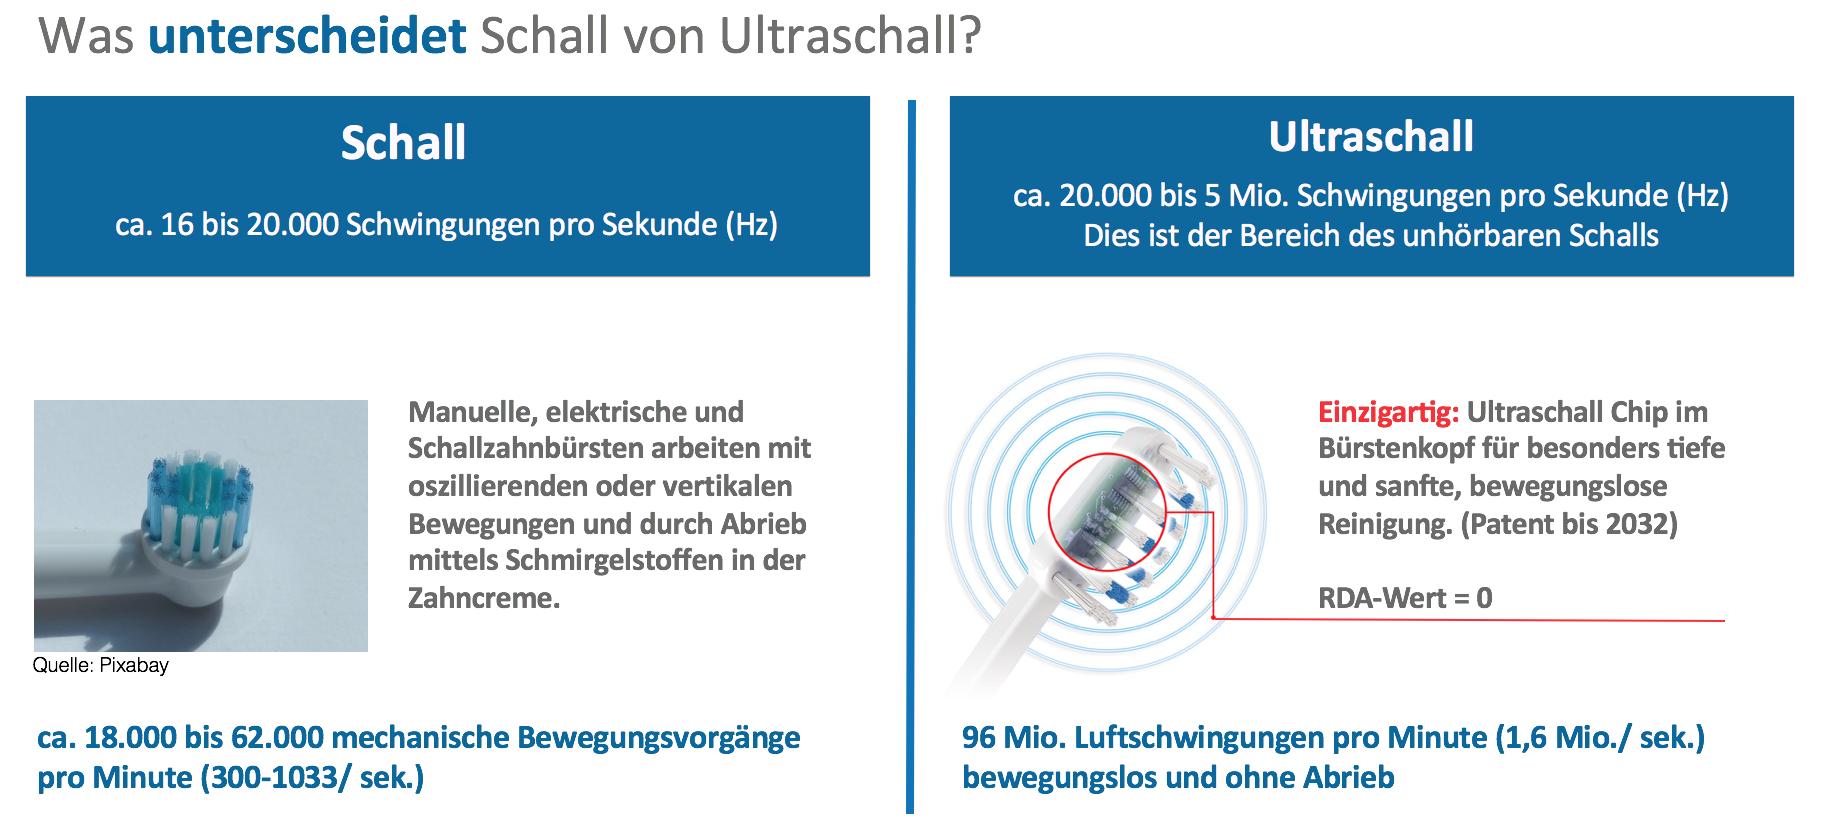 schall vs ultraschall